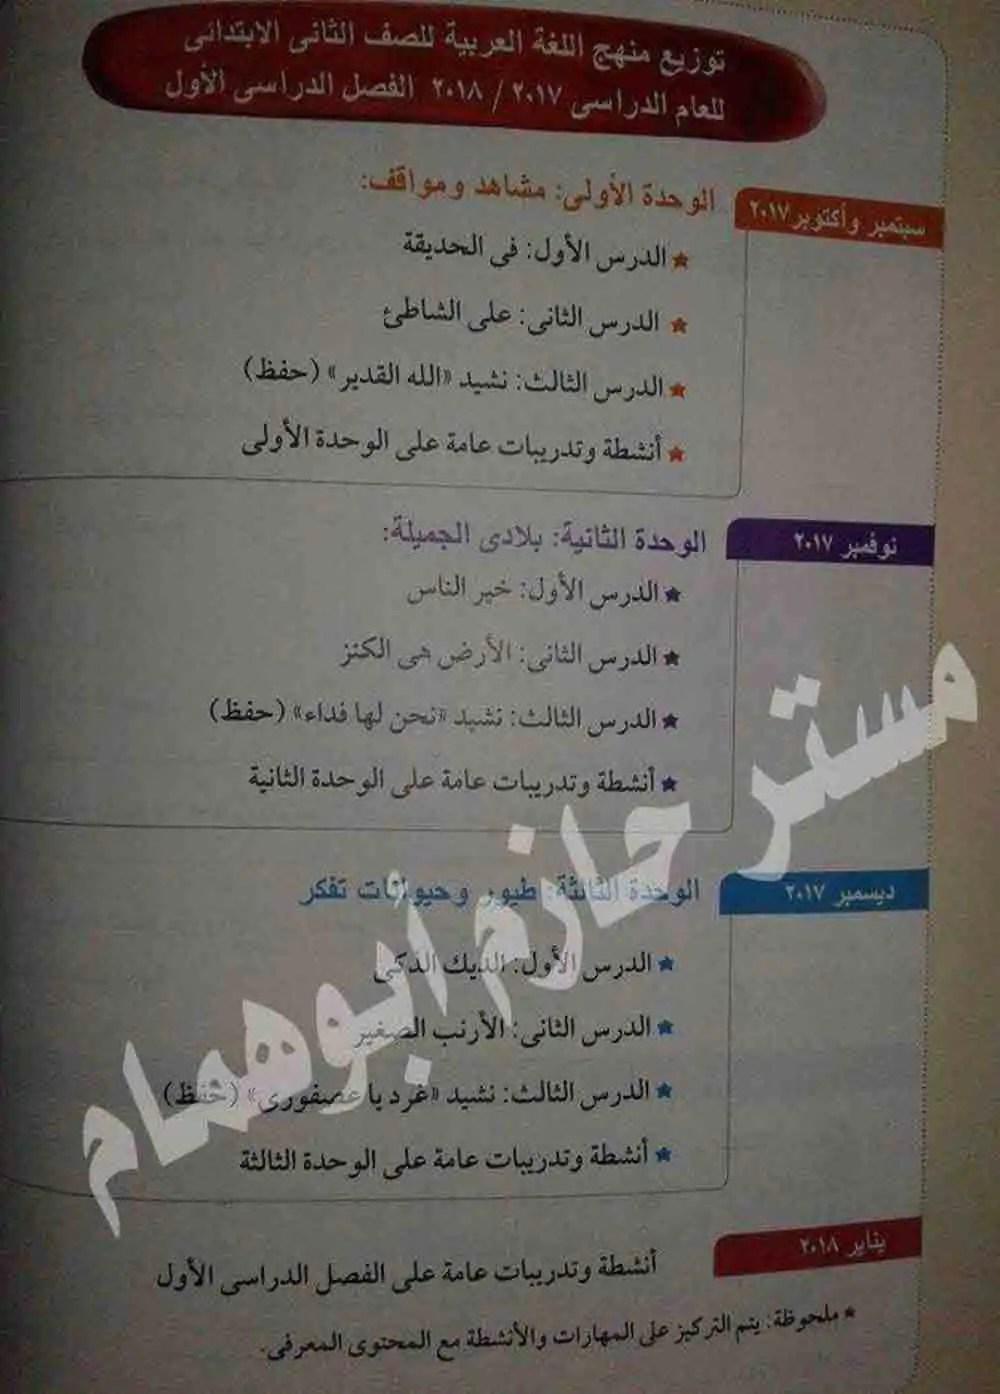 توزيع منهج اللغة العربية لجميع الصفوف